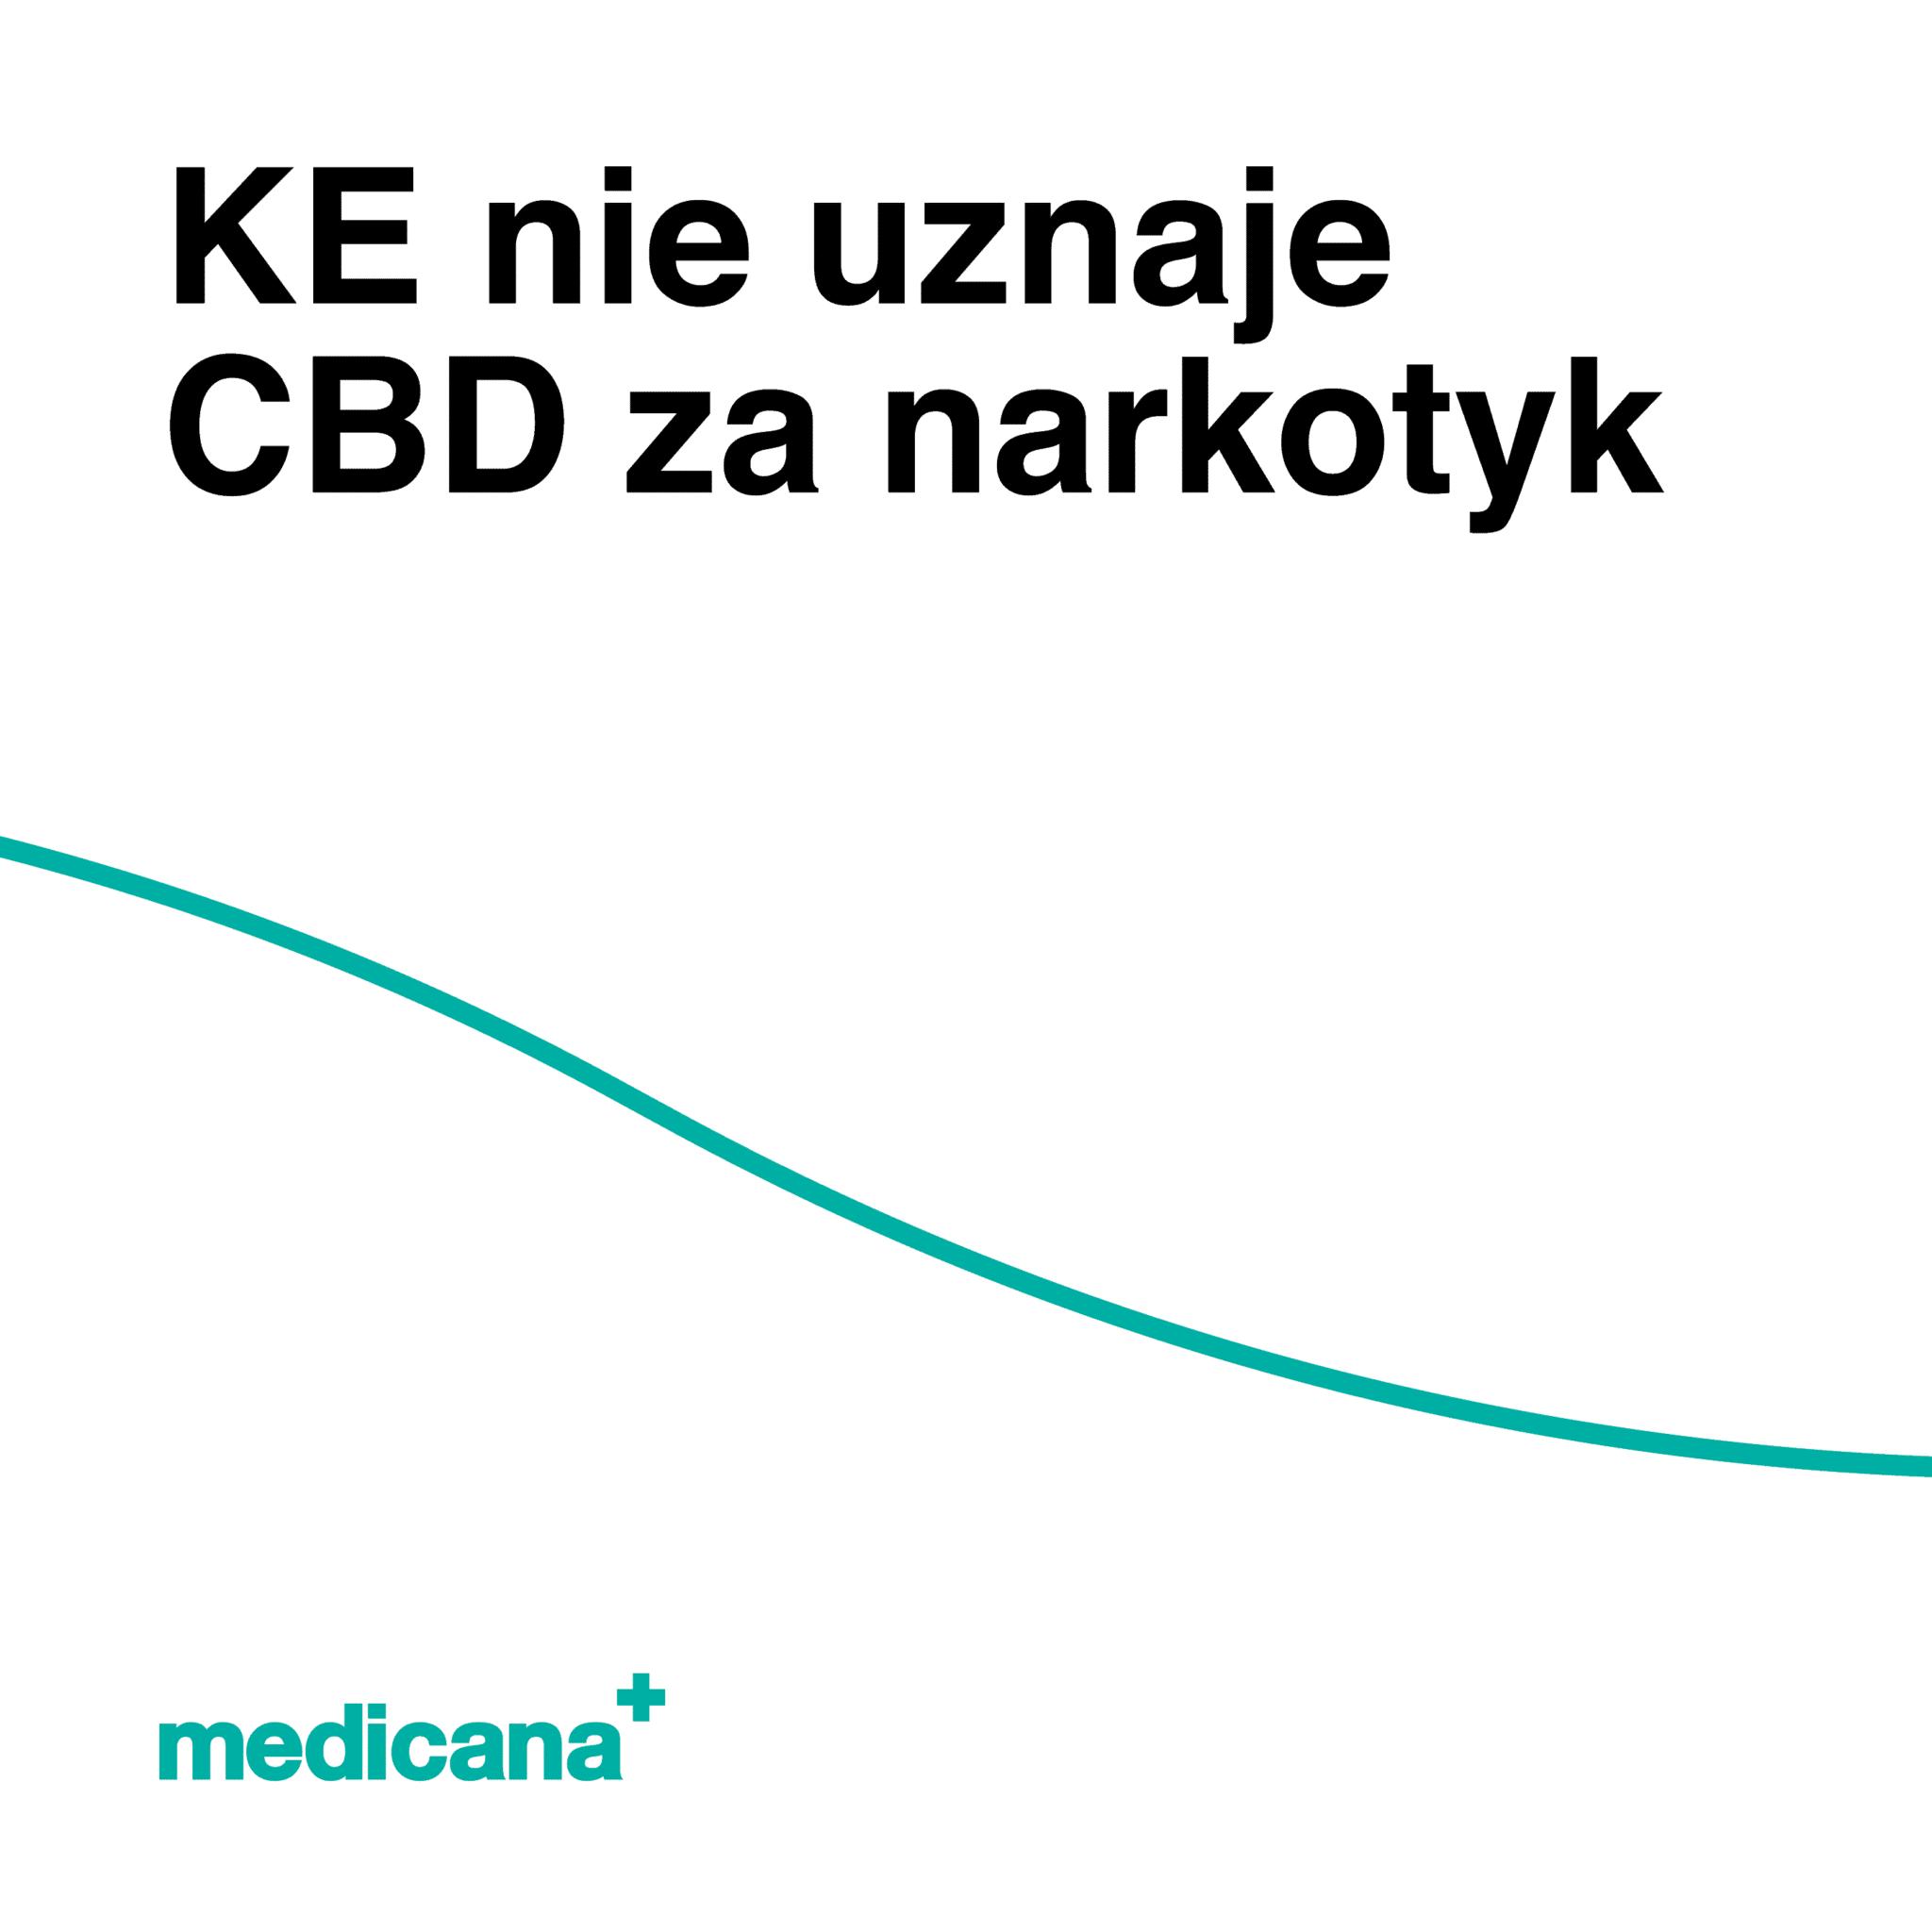 Grafika, białe tło z zieloną linią, czarnym napisem KE nie uznaje CBD za narkotyk oraz zielonym logo Medicana w lewym dolnym rogu.